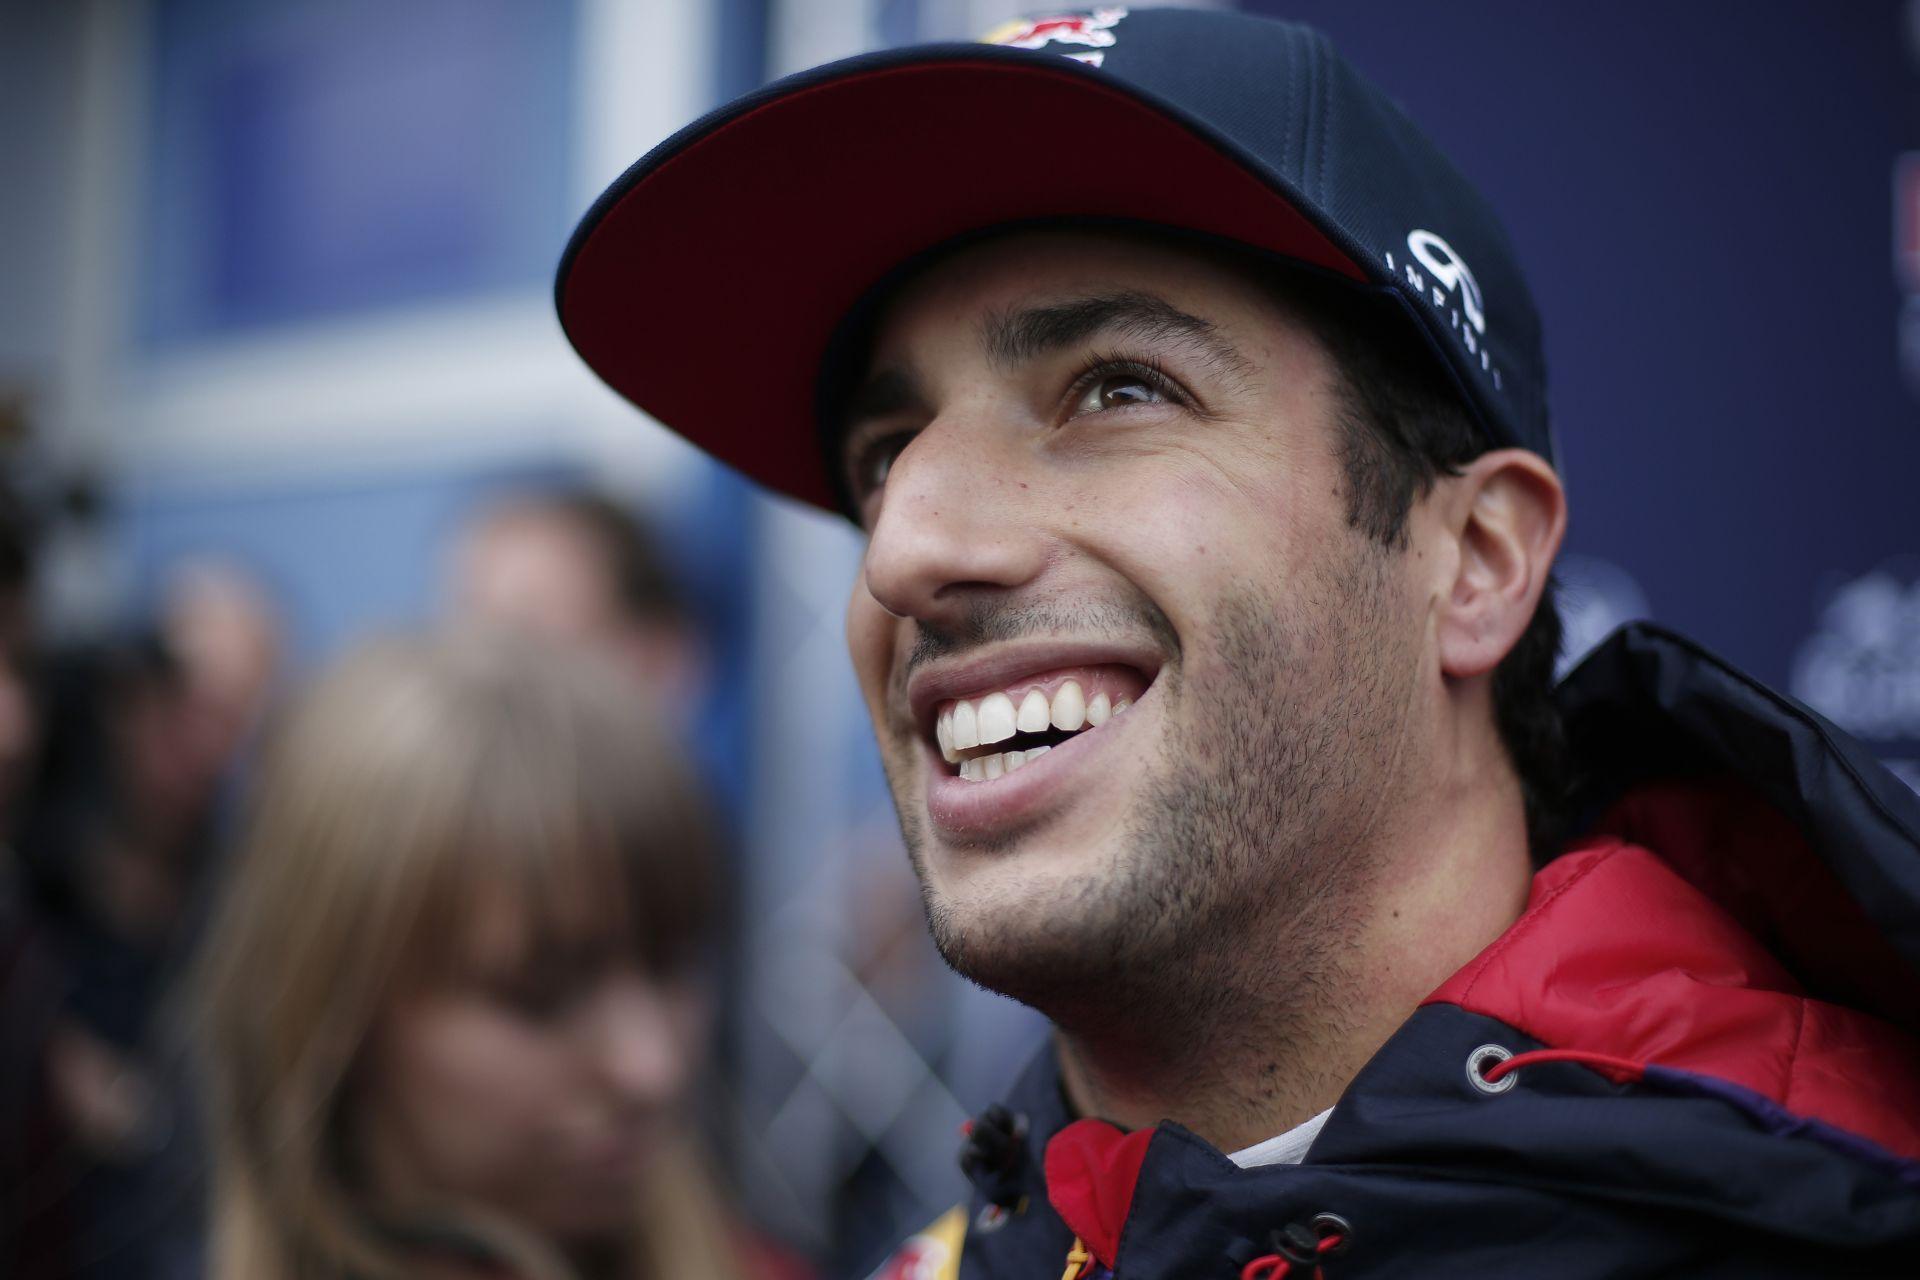 Ricciardo 2014-es F1-es szezonja: Azonnal legyőzte Vettelt